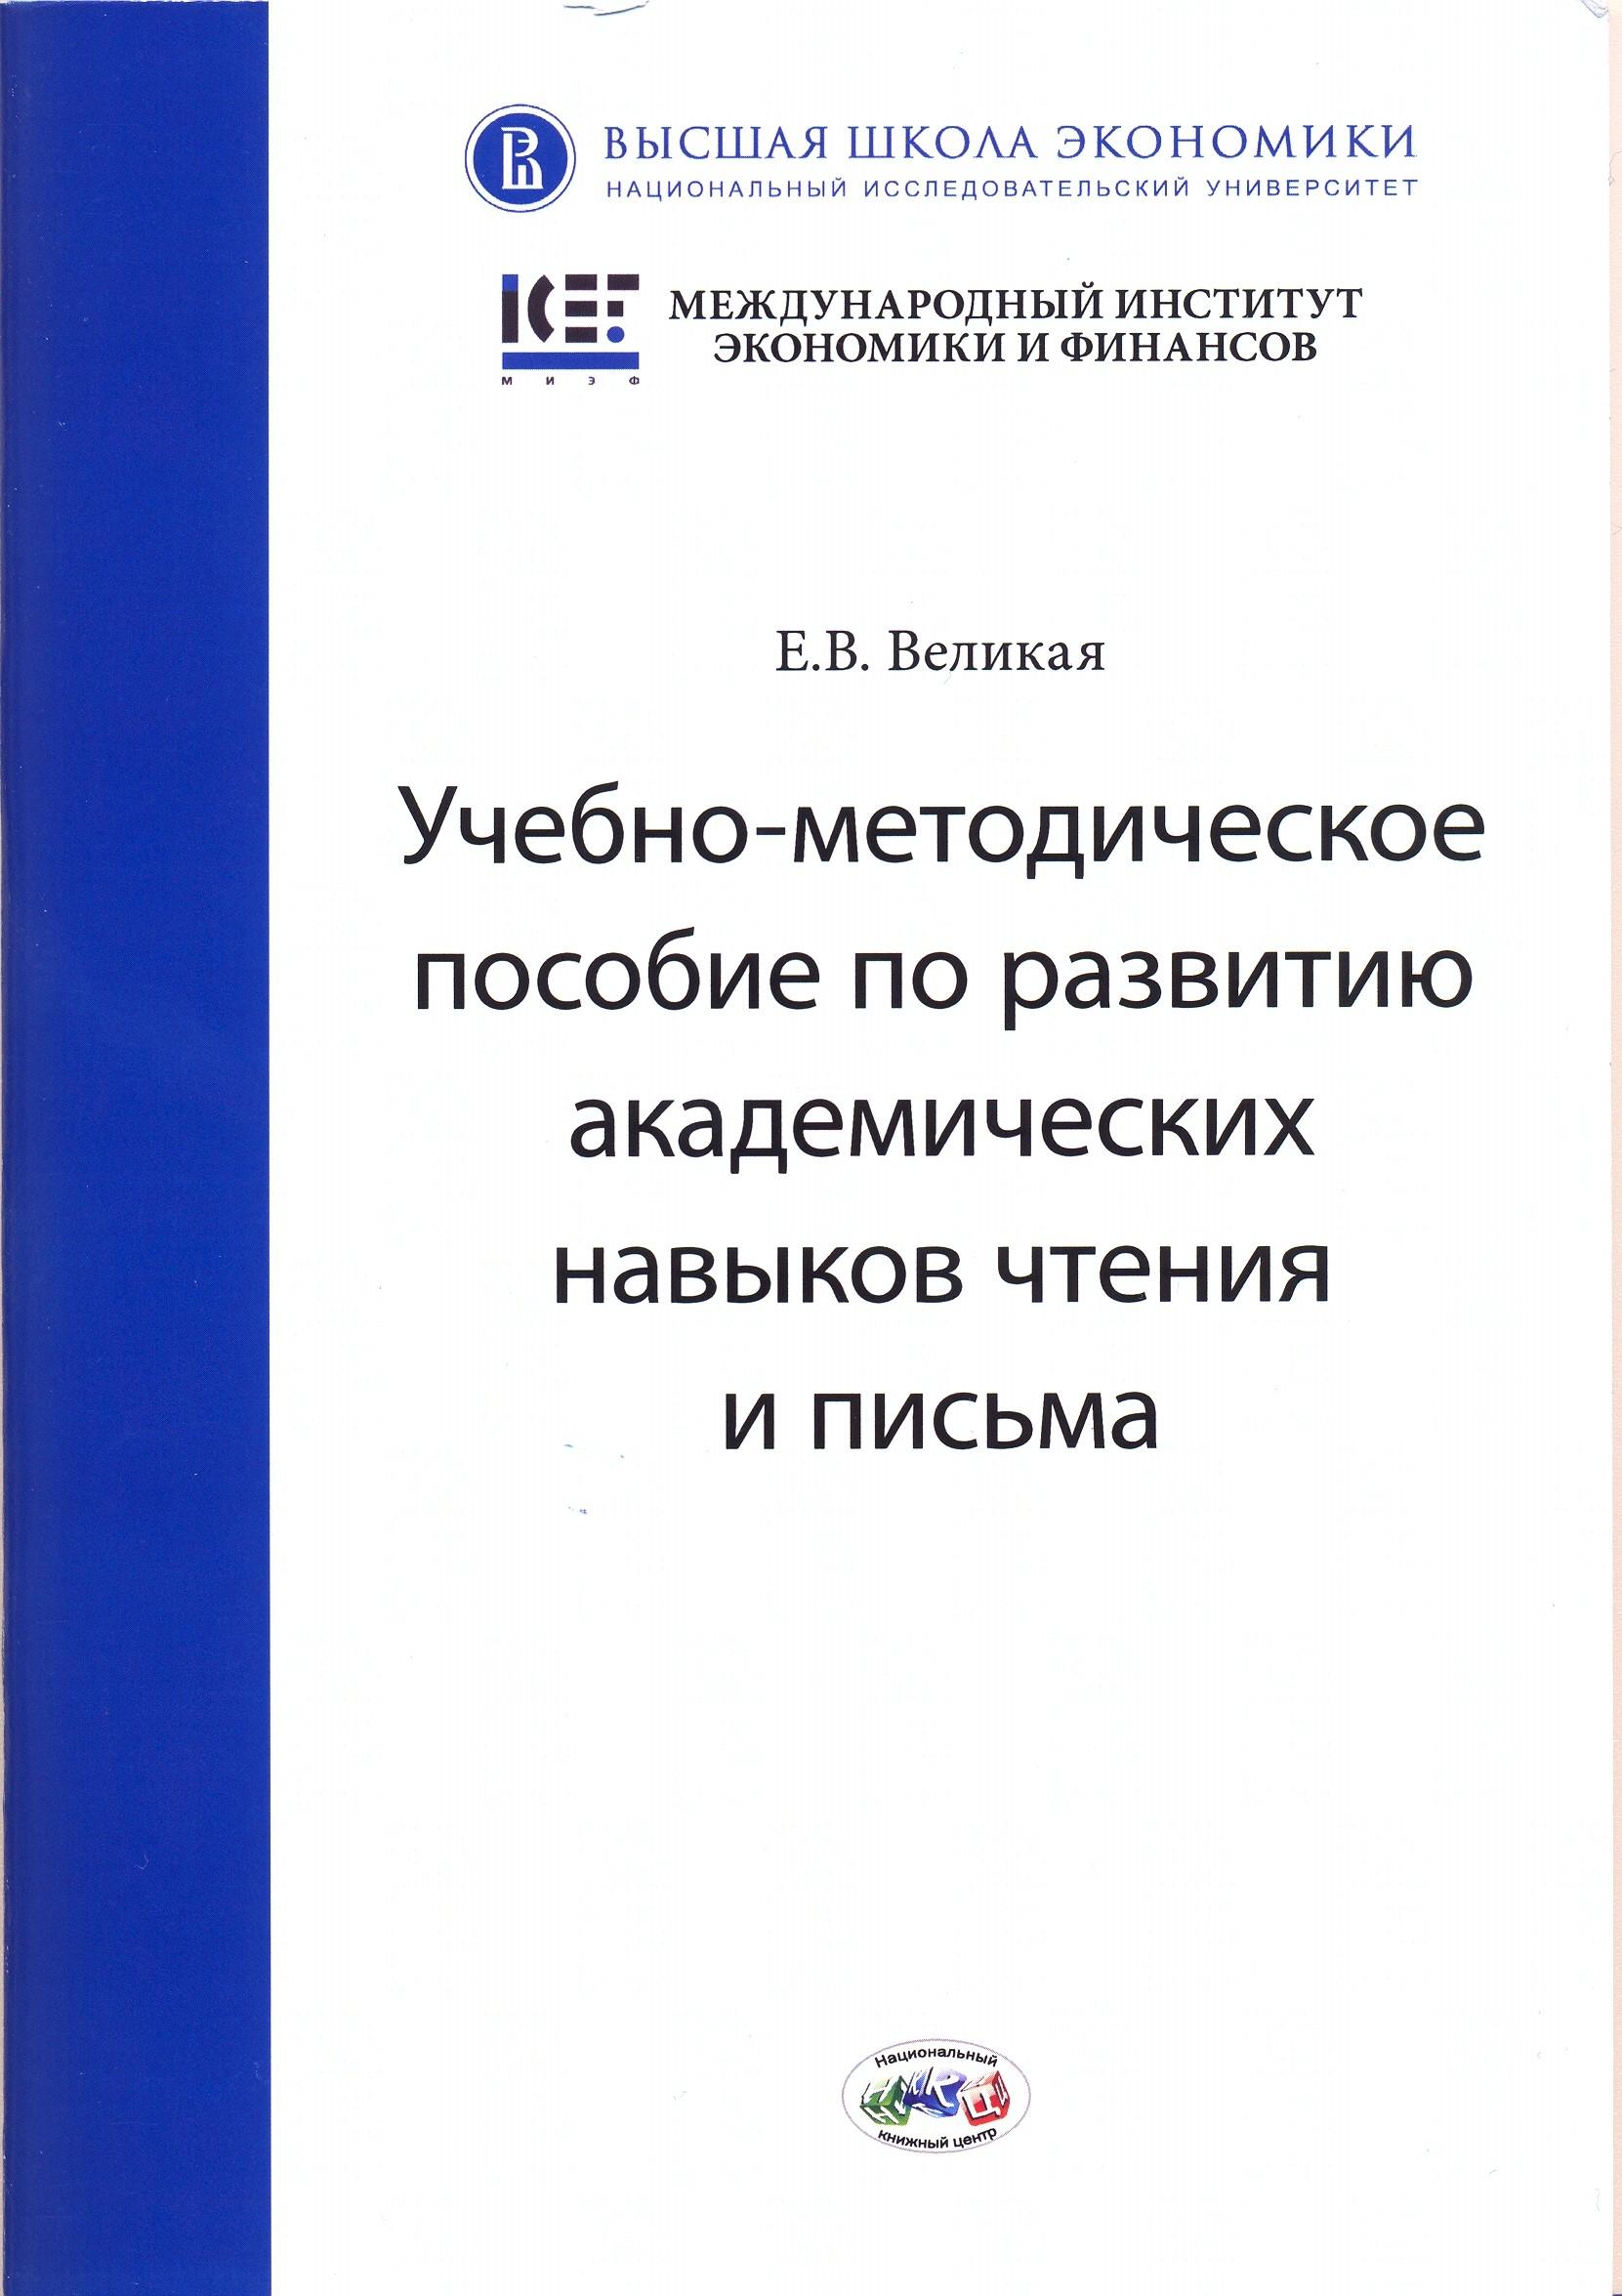 Учебно-методическое пособие по развитию академических навыков чтения и письма